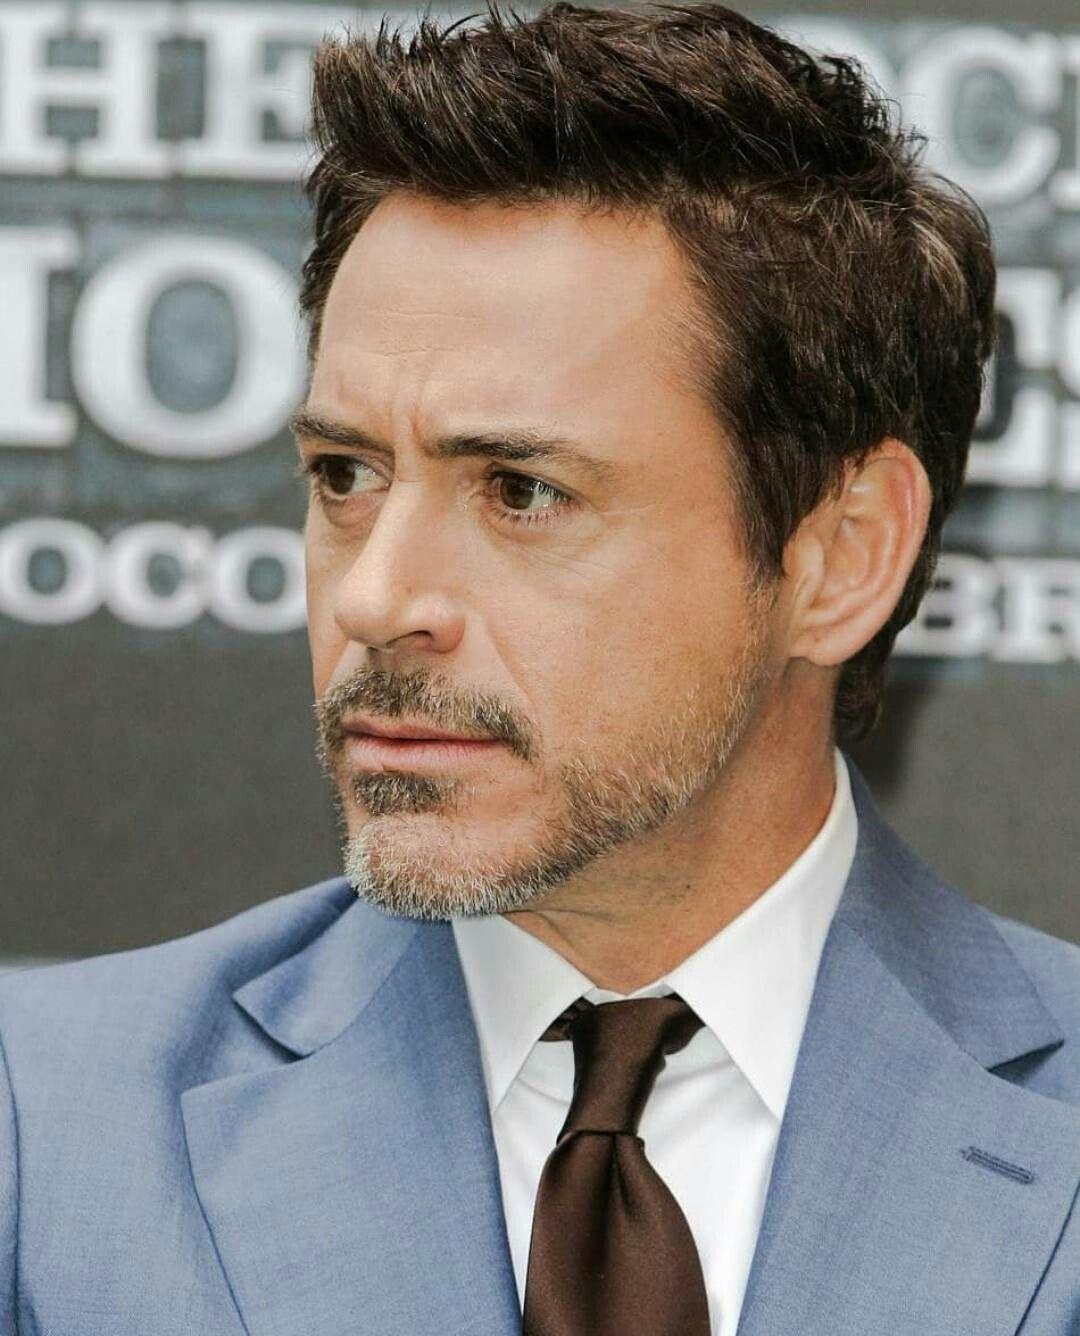 Cutest Rdj Robert Downey Jr Iron Man Tony Stark Robert Downey Jr